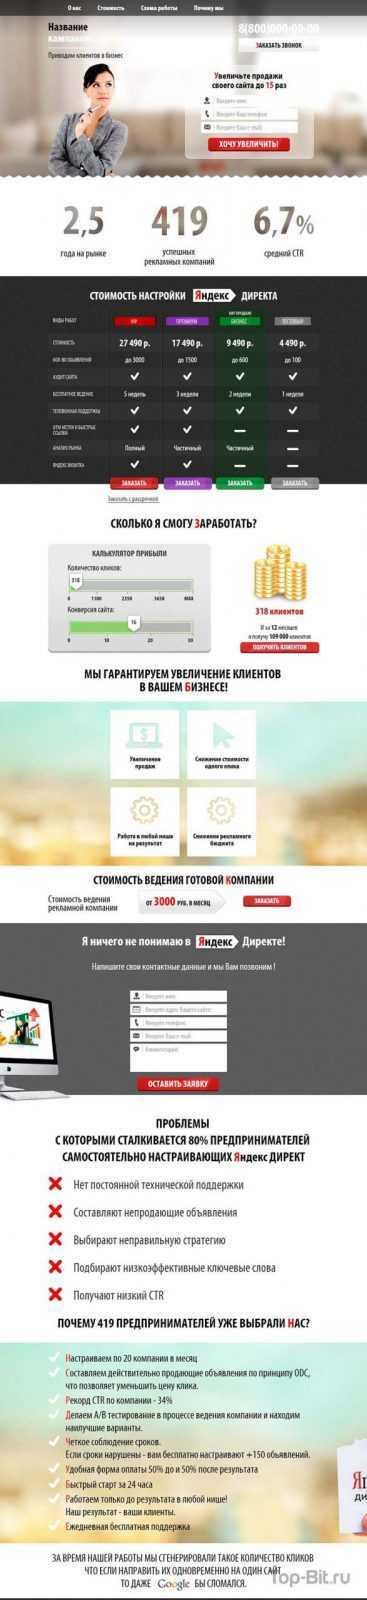 купить Landing Page по услугам контекстной рекламы Яндекс.Директ